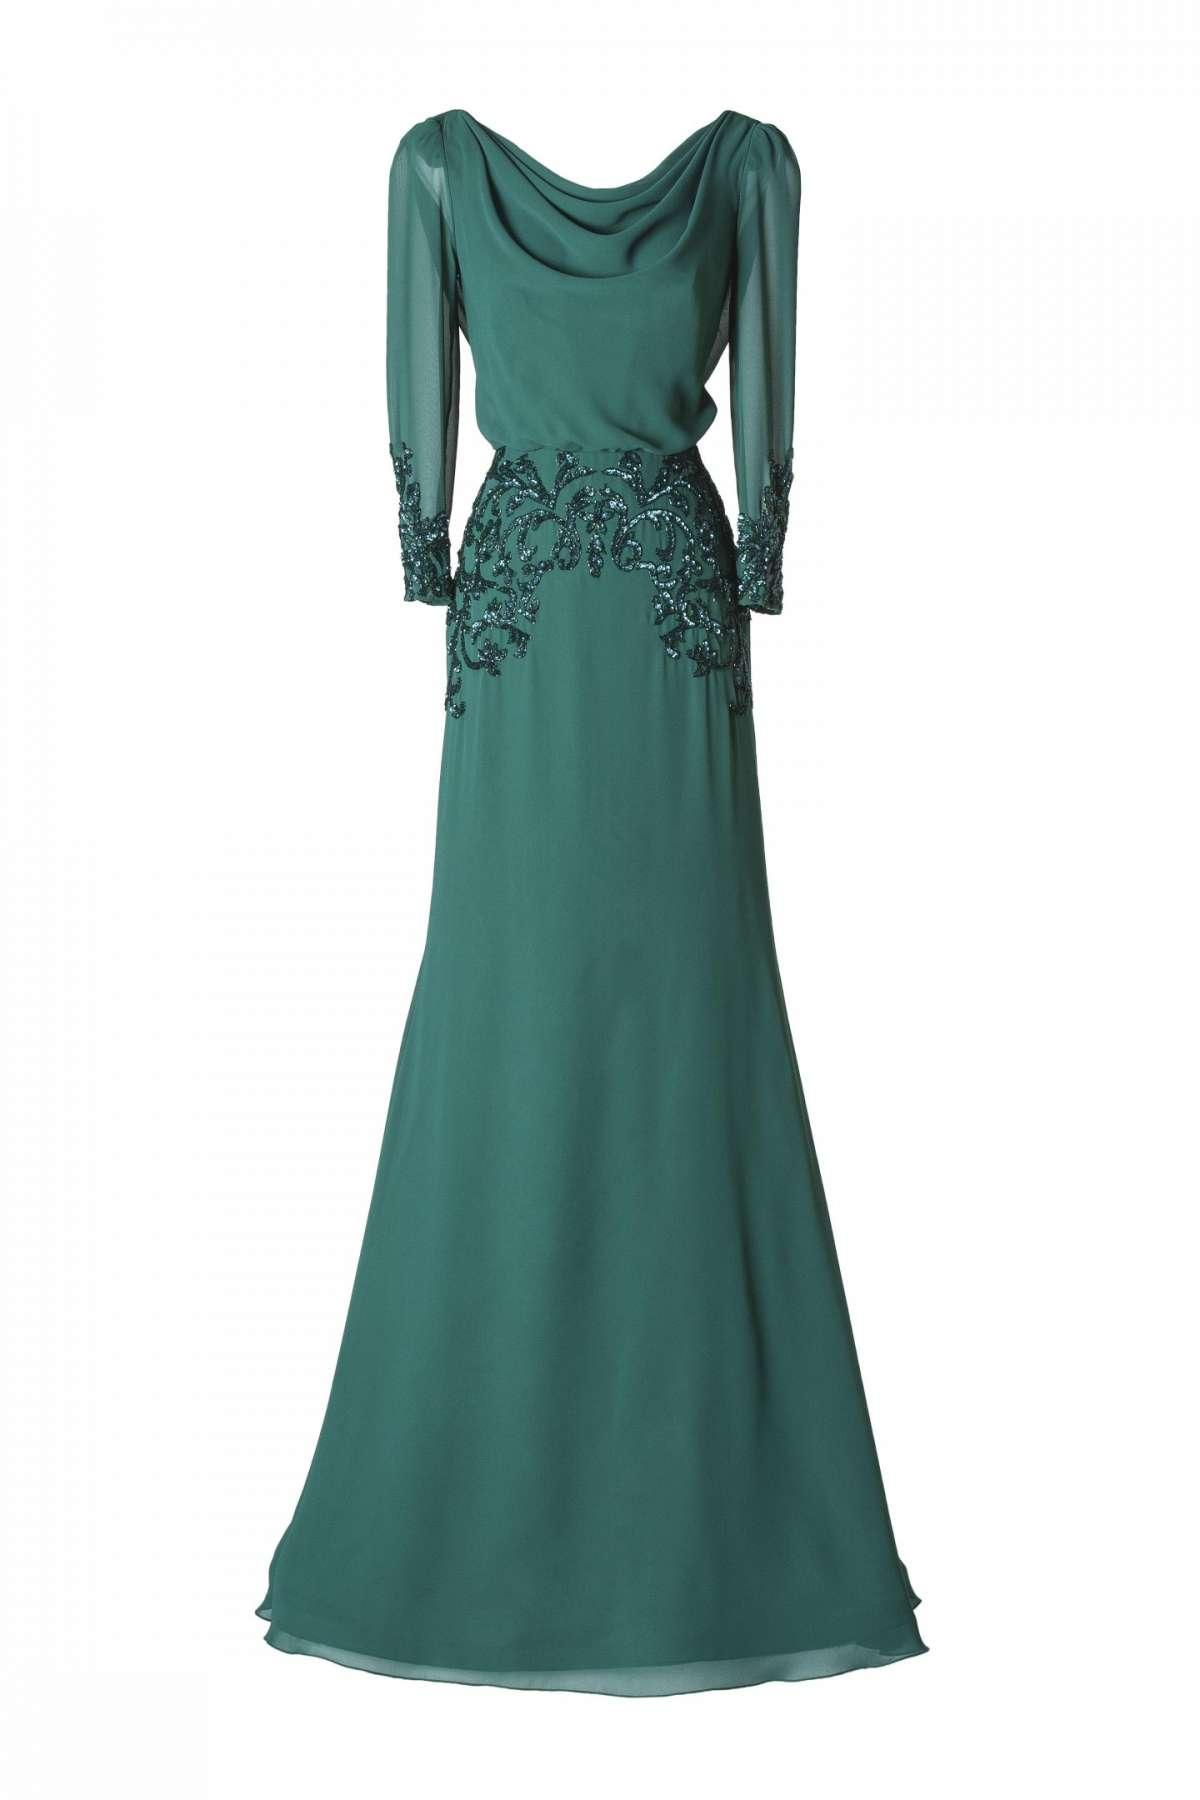 Vestito da cerimonia verde chiaro